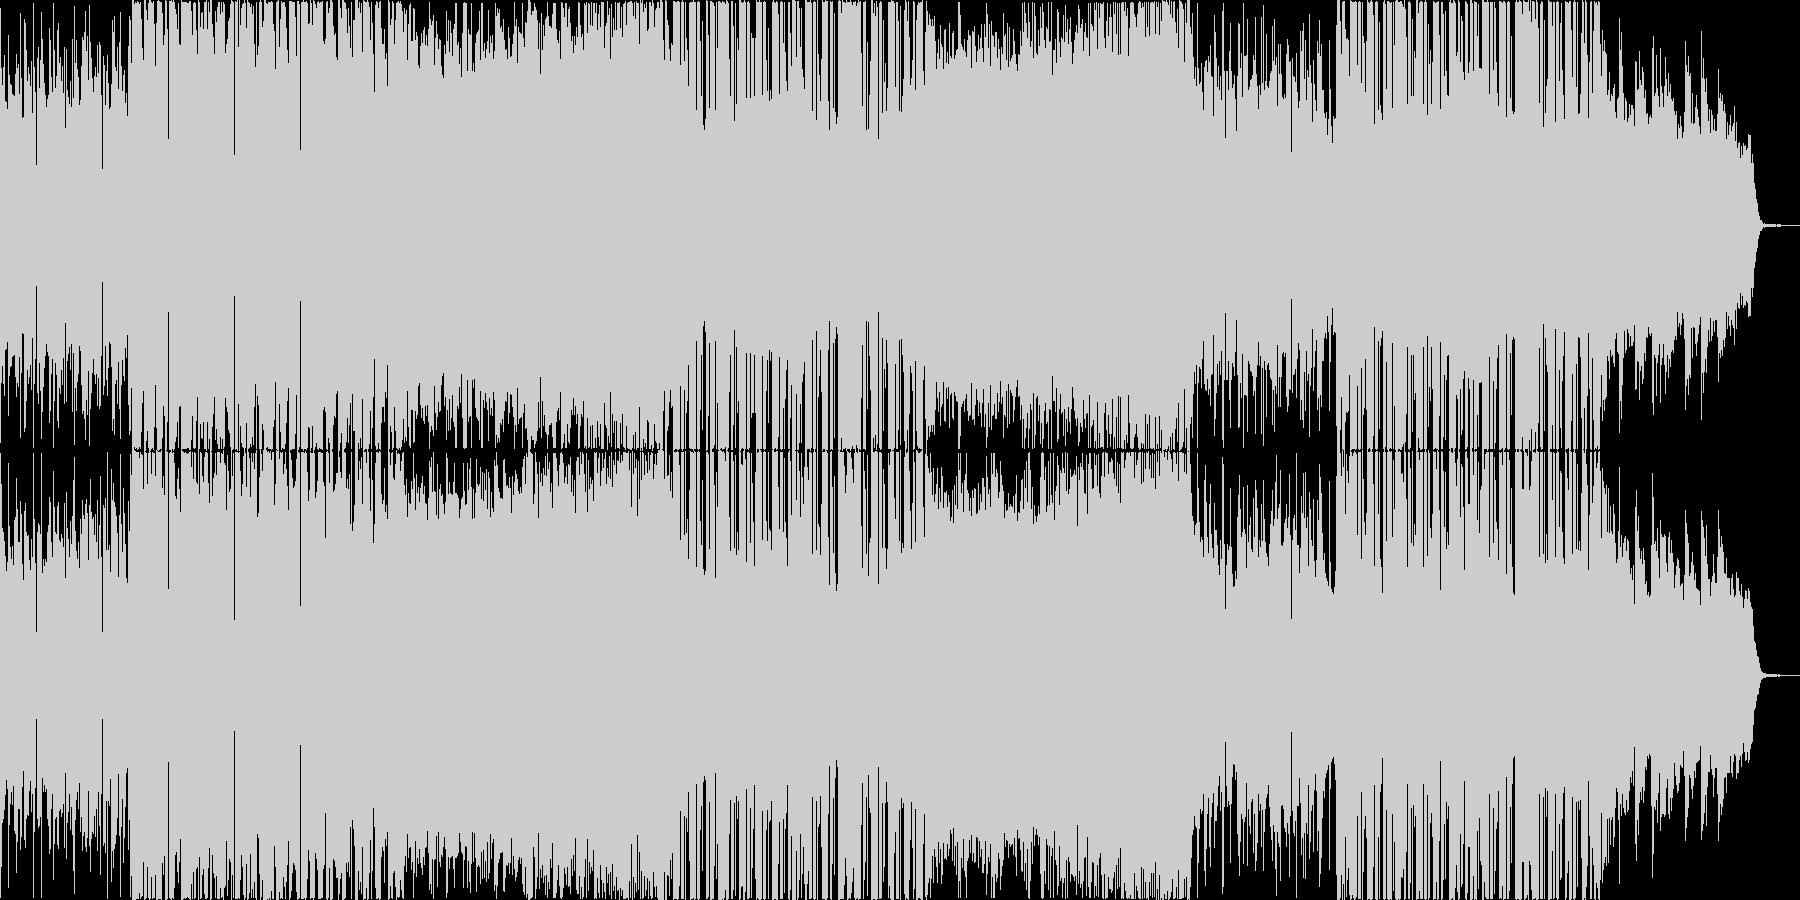 メロウなローファイヒップホップの未再生の波形